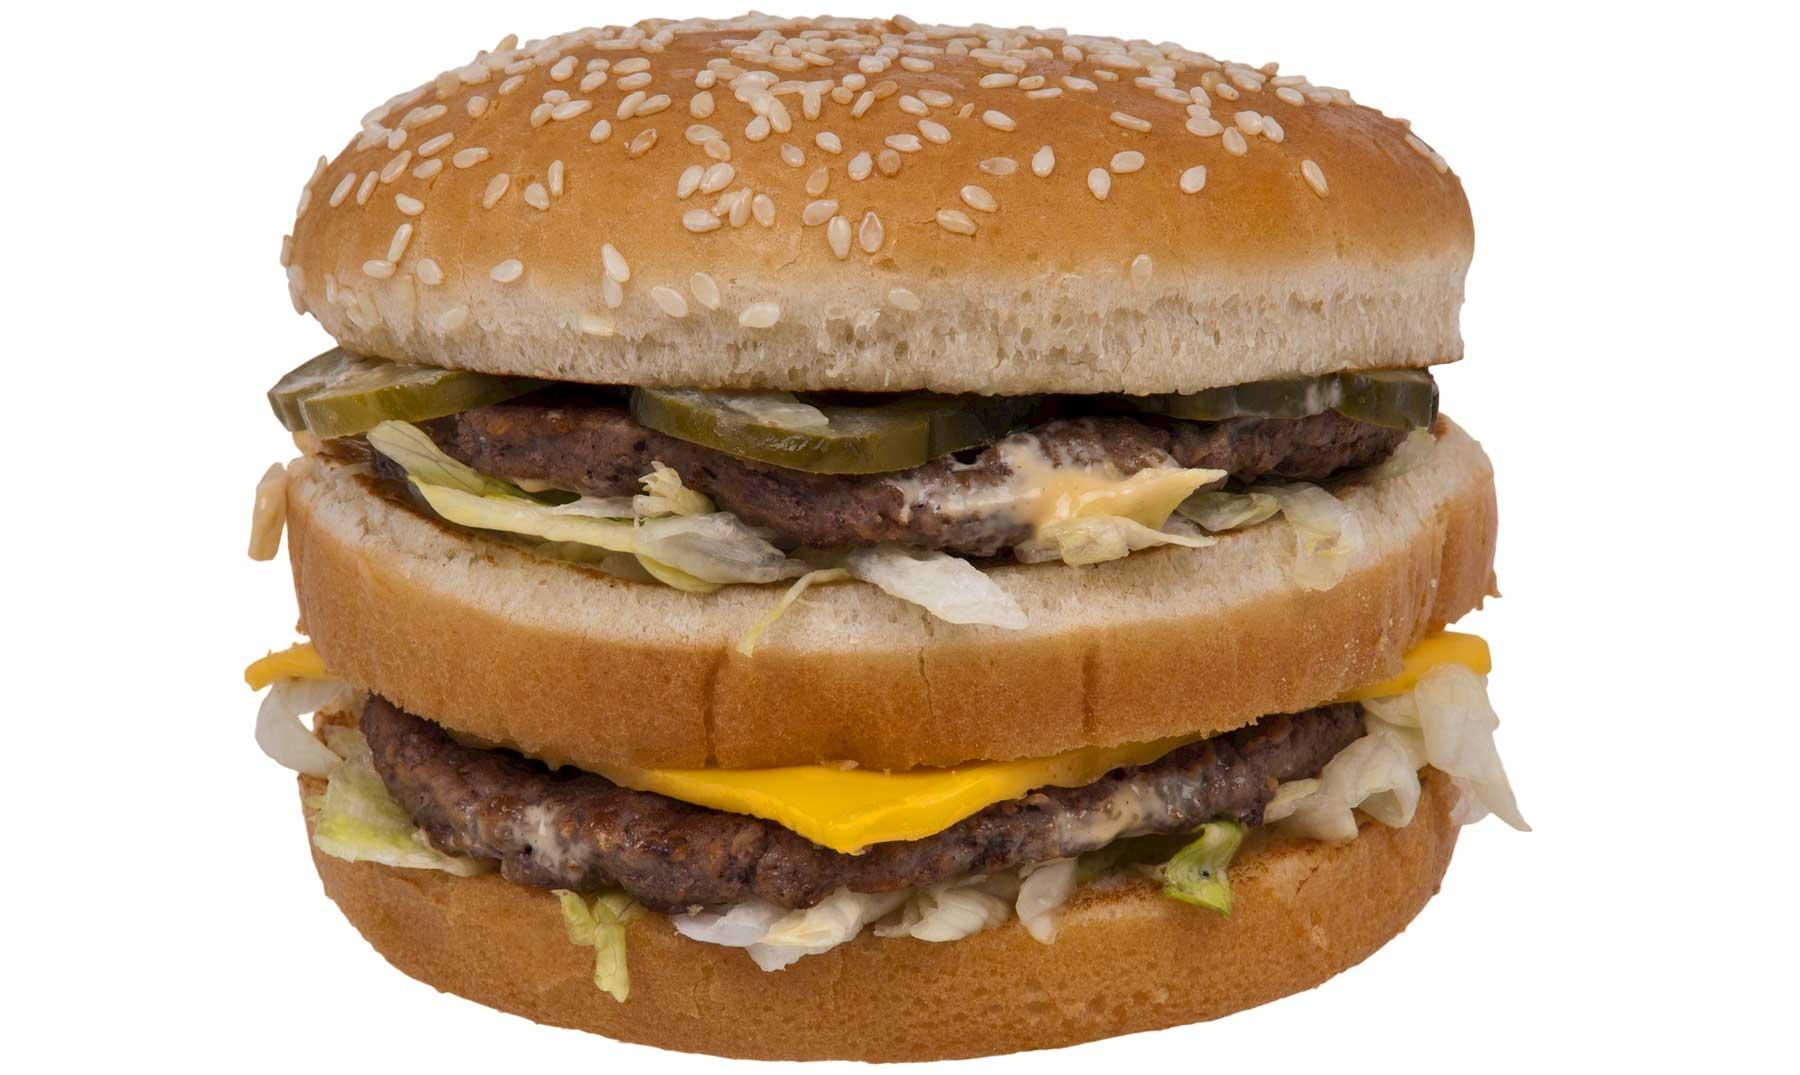 La hamburguesa indestructible de McDonald's